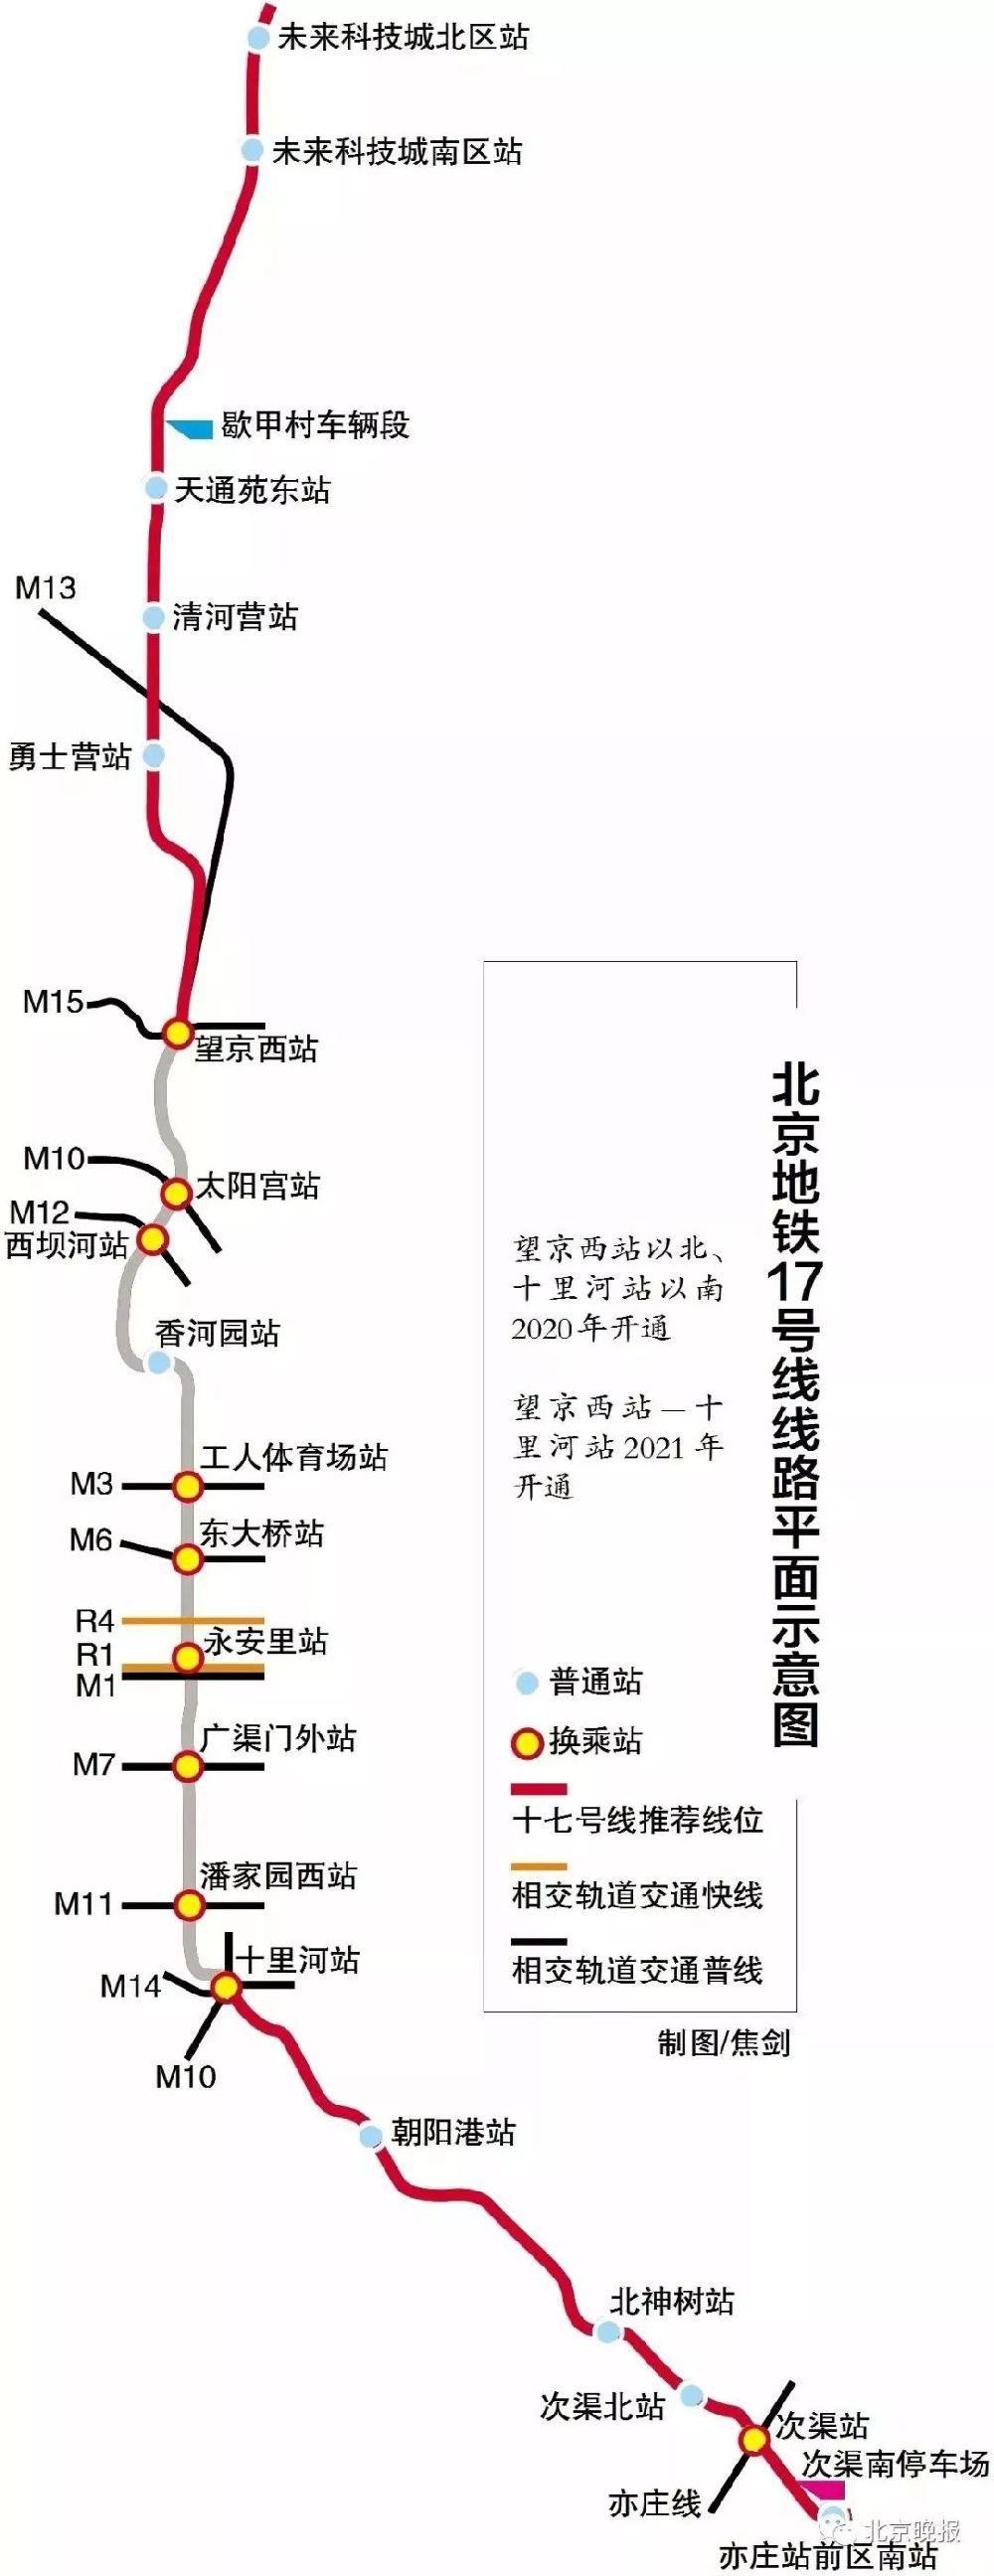 目前北京17条在建地铁线路图全在此